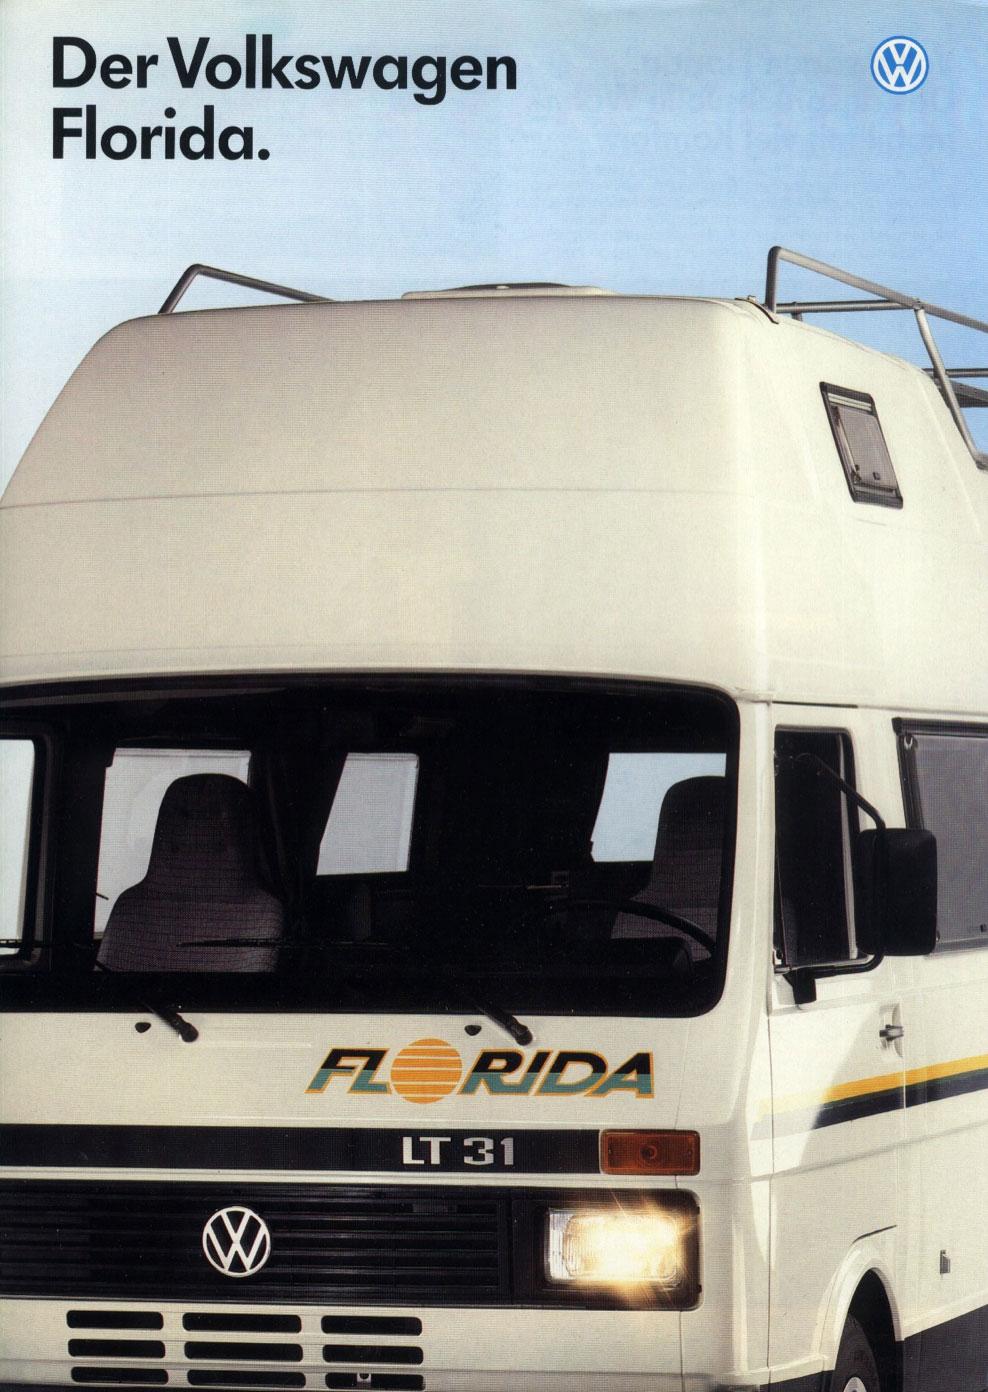 Westfalia Florida Conversion - VWLT.co.uk